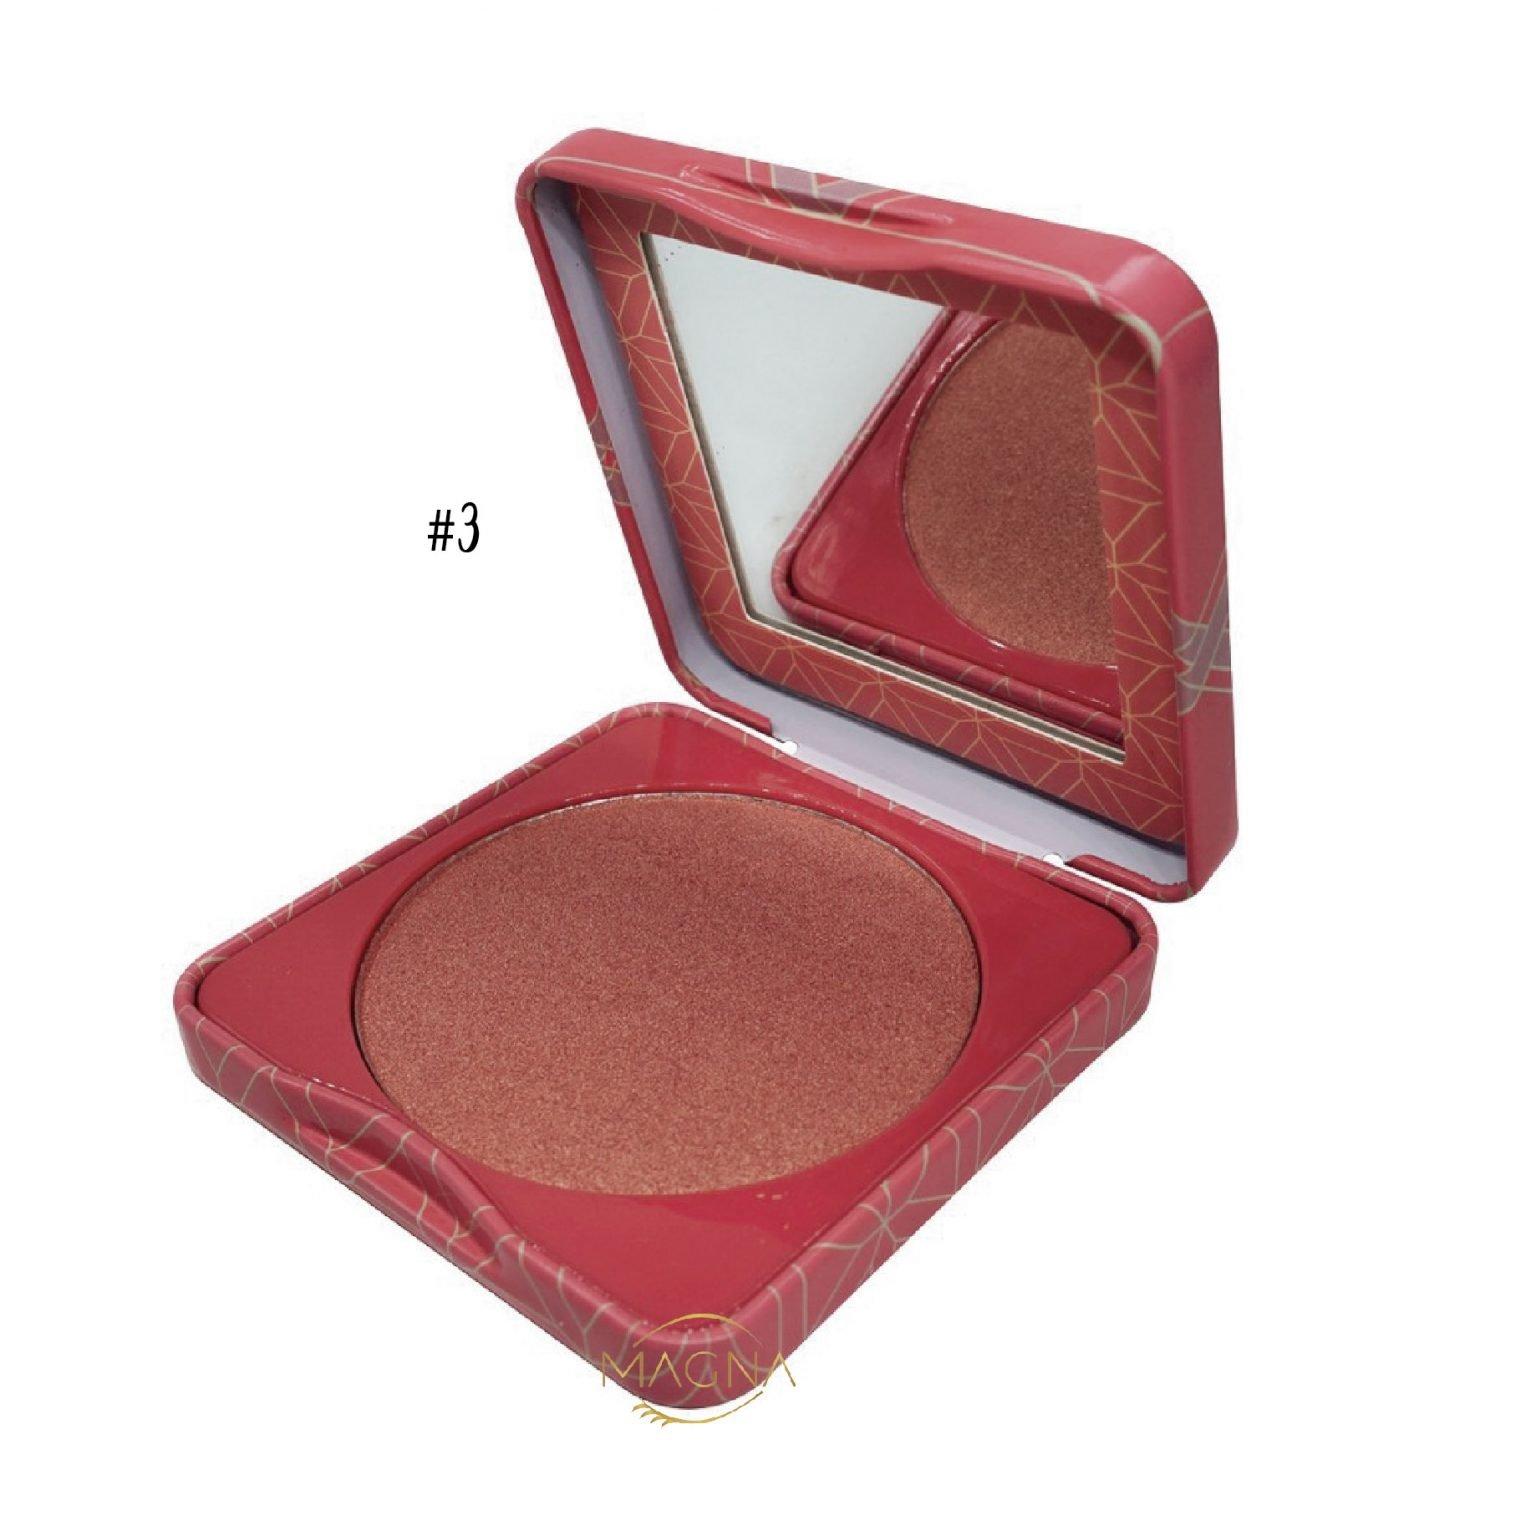 Productos - Página 47 - Magna Cosmetics